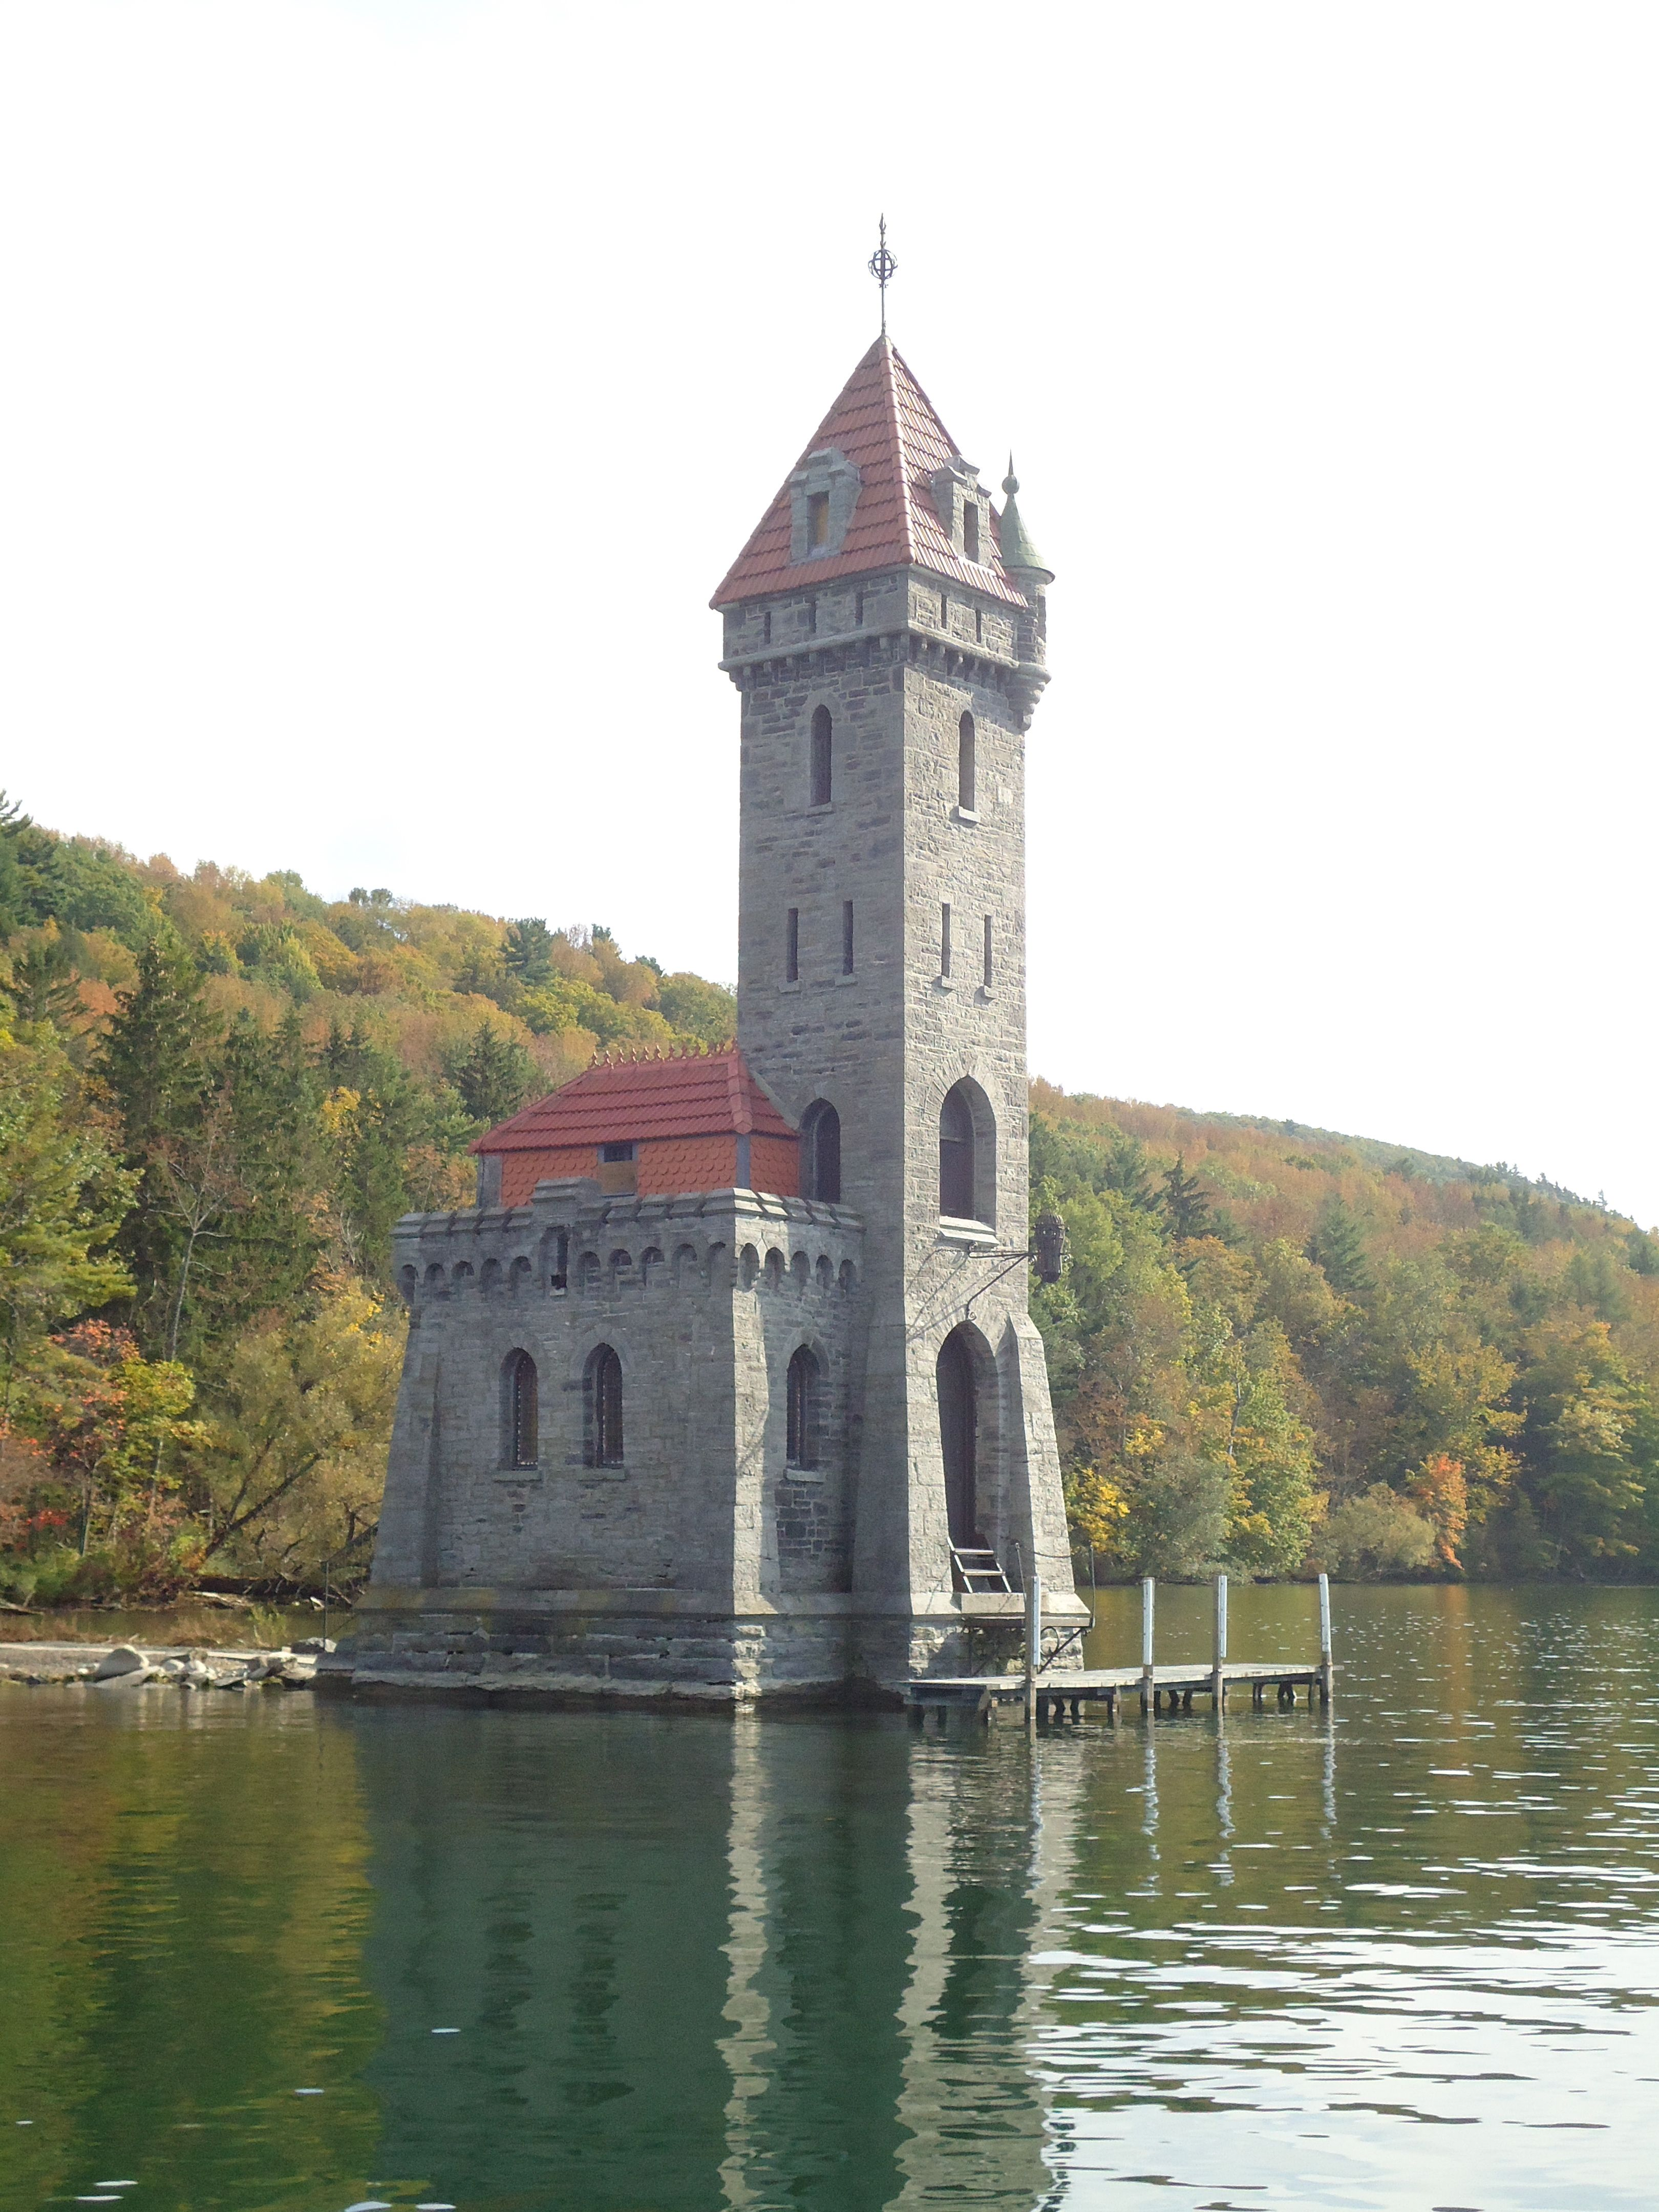 Kingfisher Tower Castle Otsego Lake Ny Upstate Ny